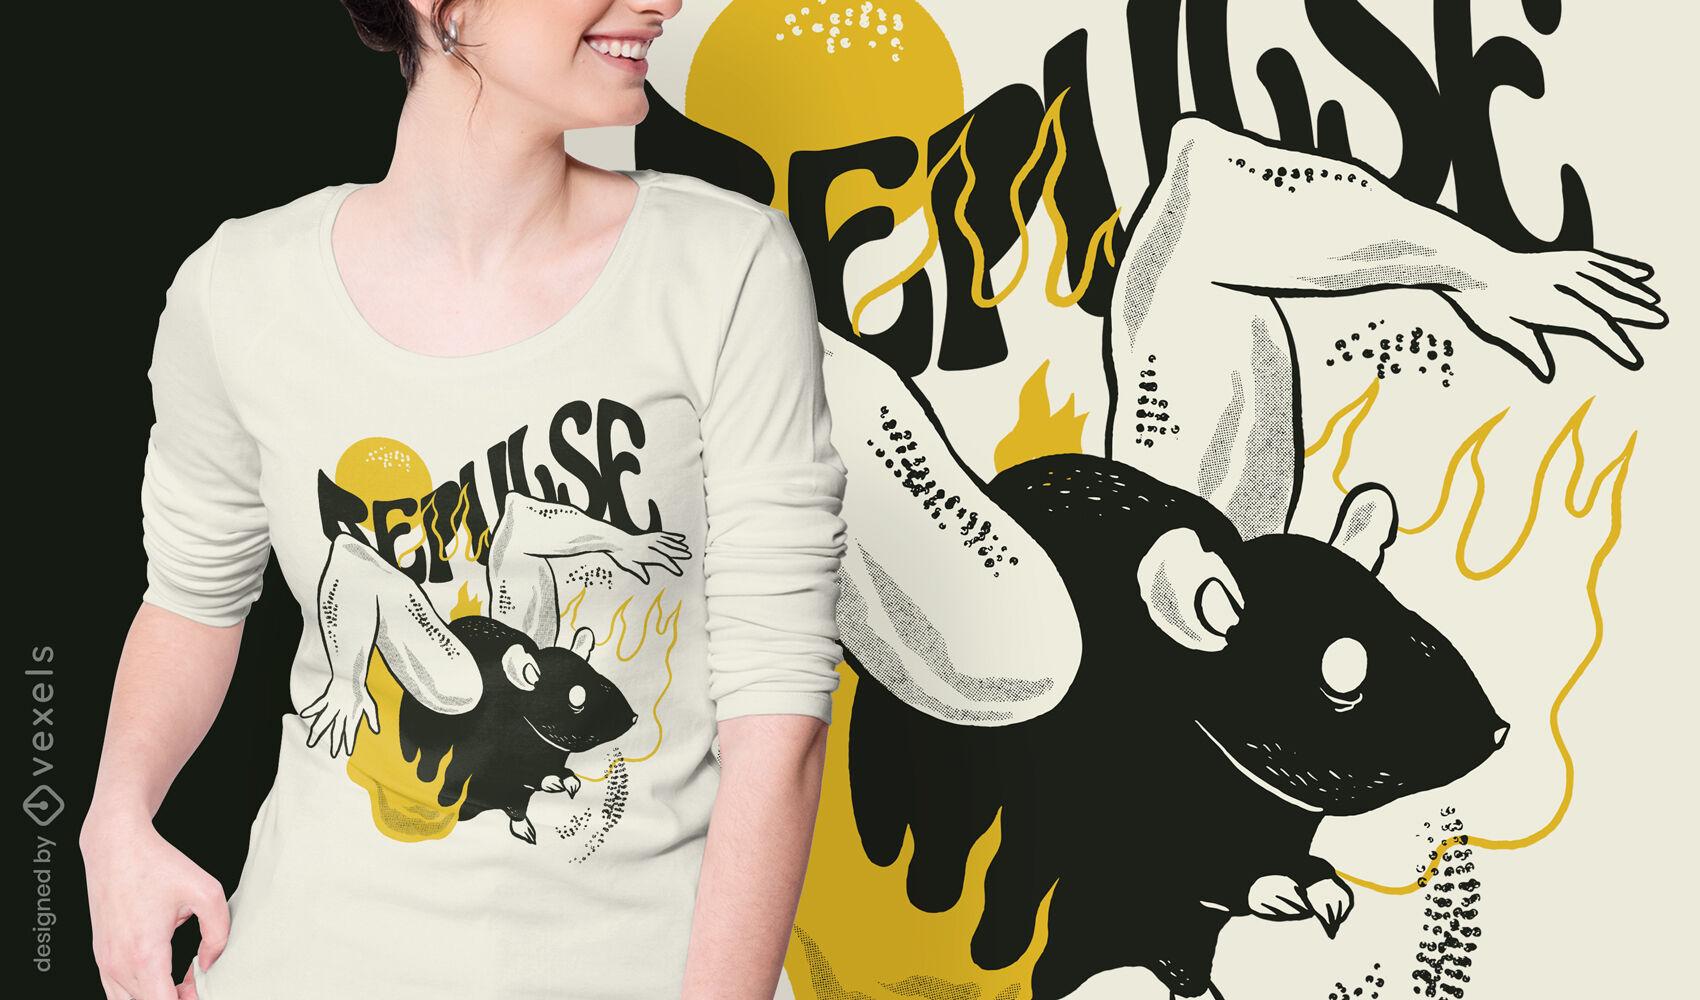 Bizarres Rattenkörpertier-T-Shirt-Design